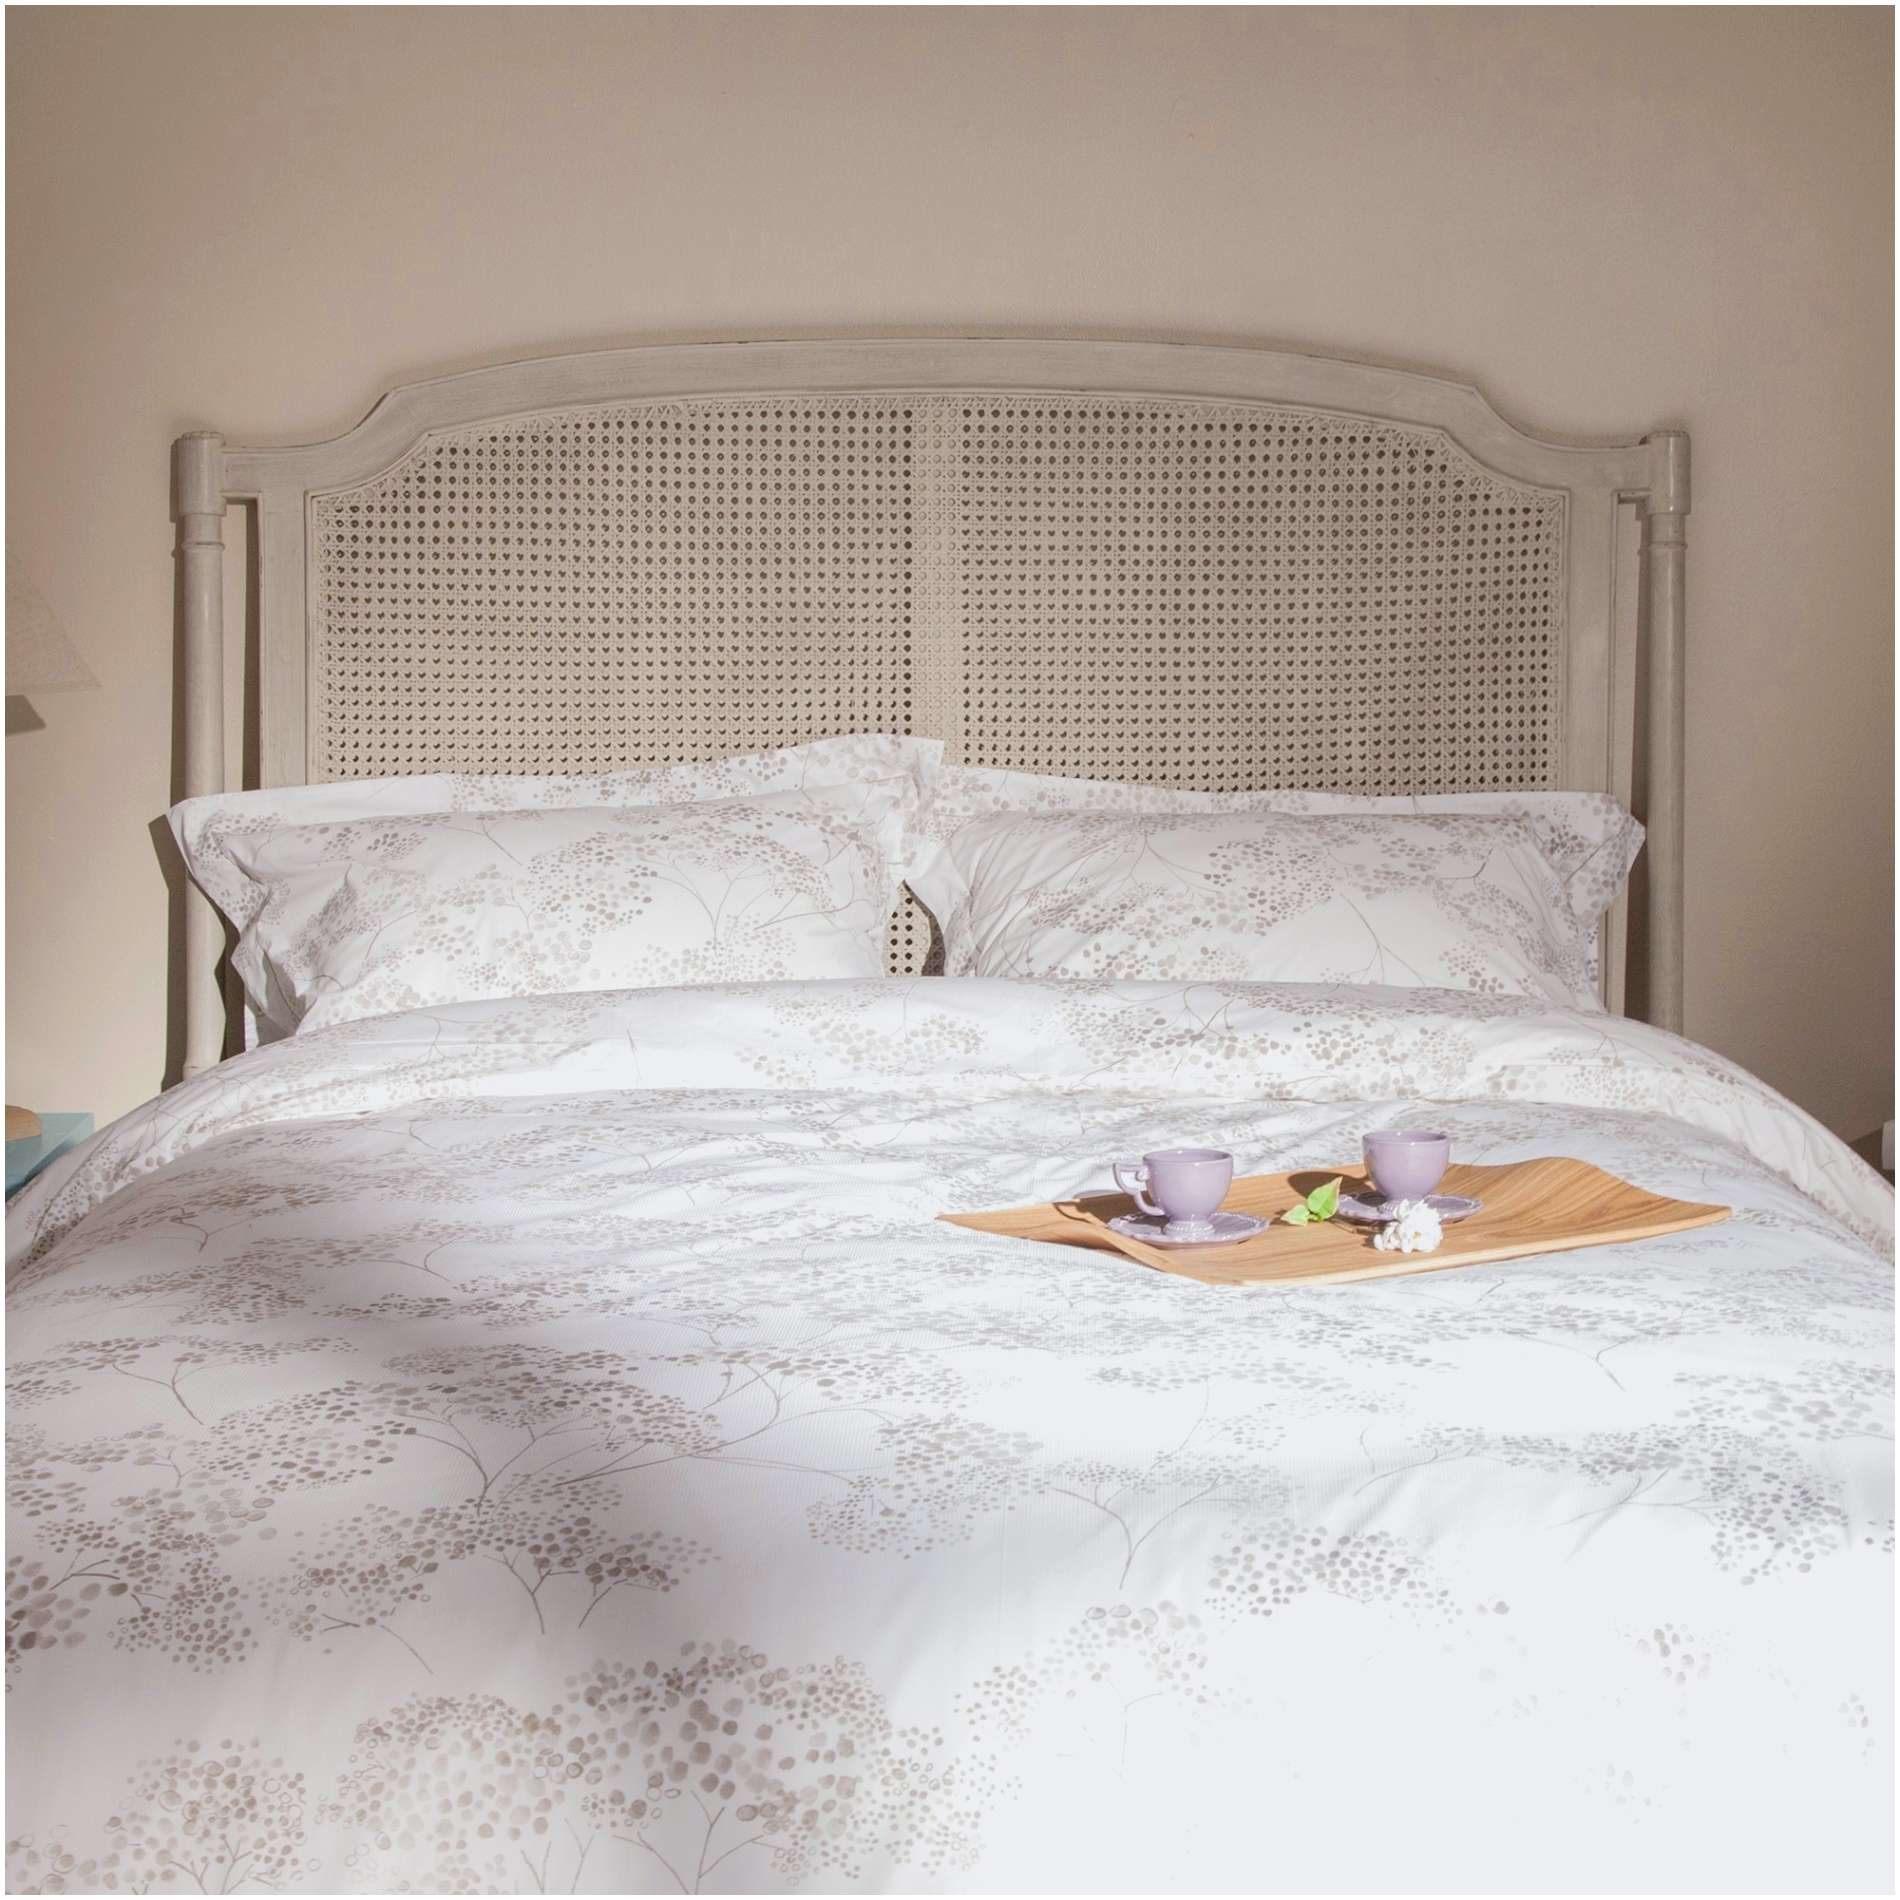 Beau sove Deco Tete De Lit — sovedis Aquatabs Pour Option Tete De